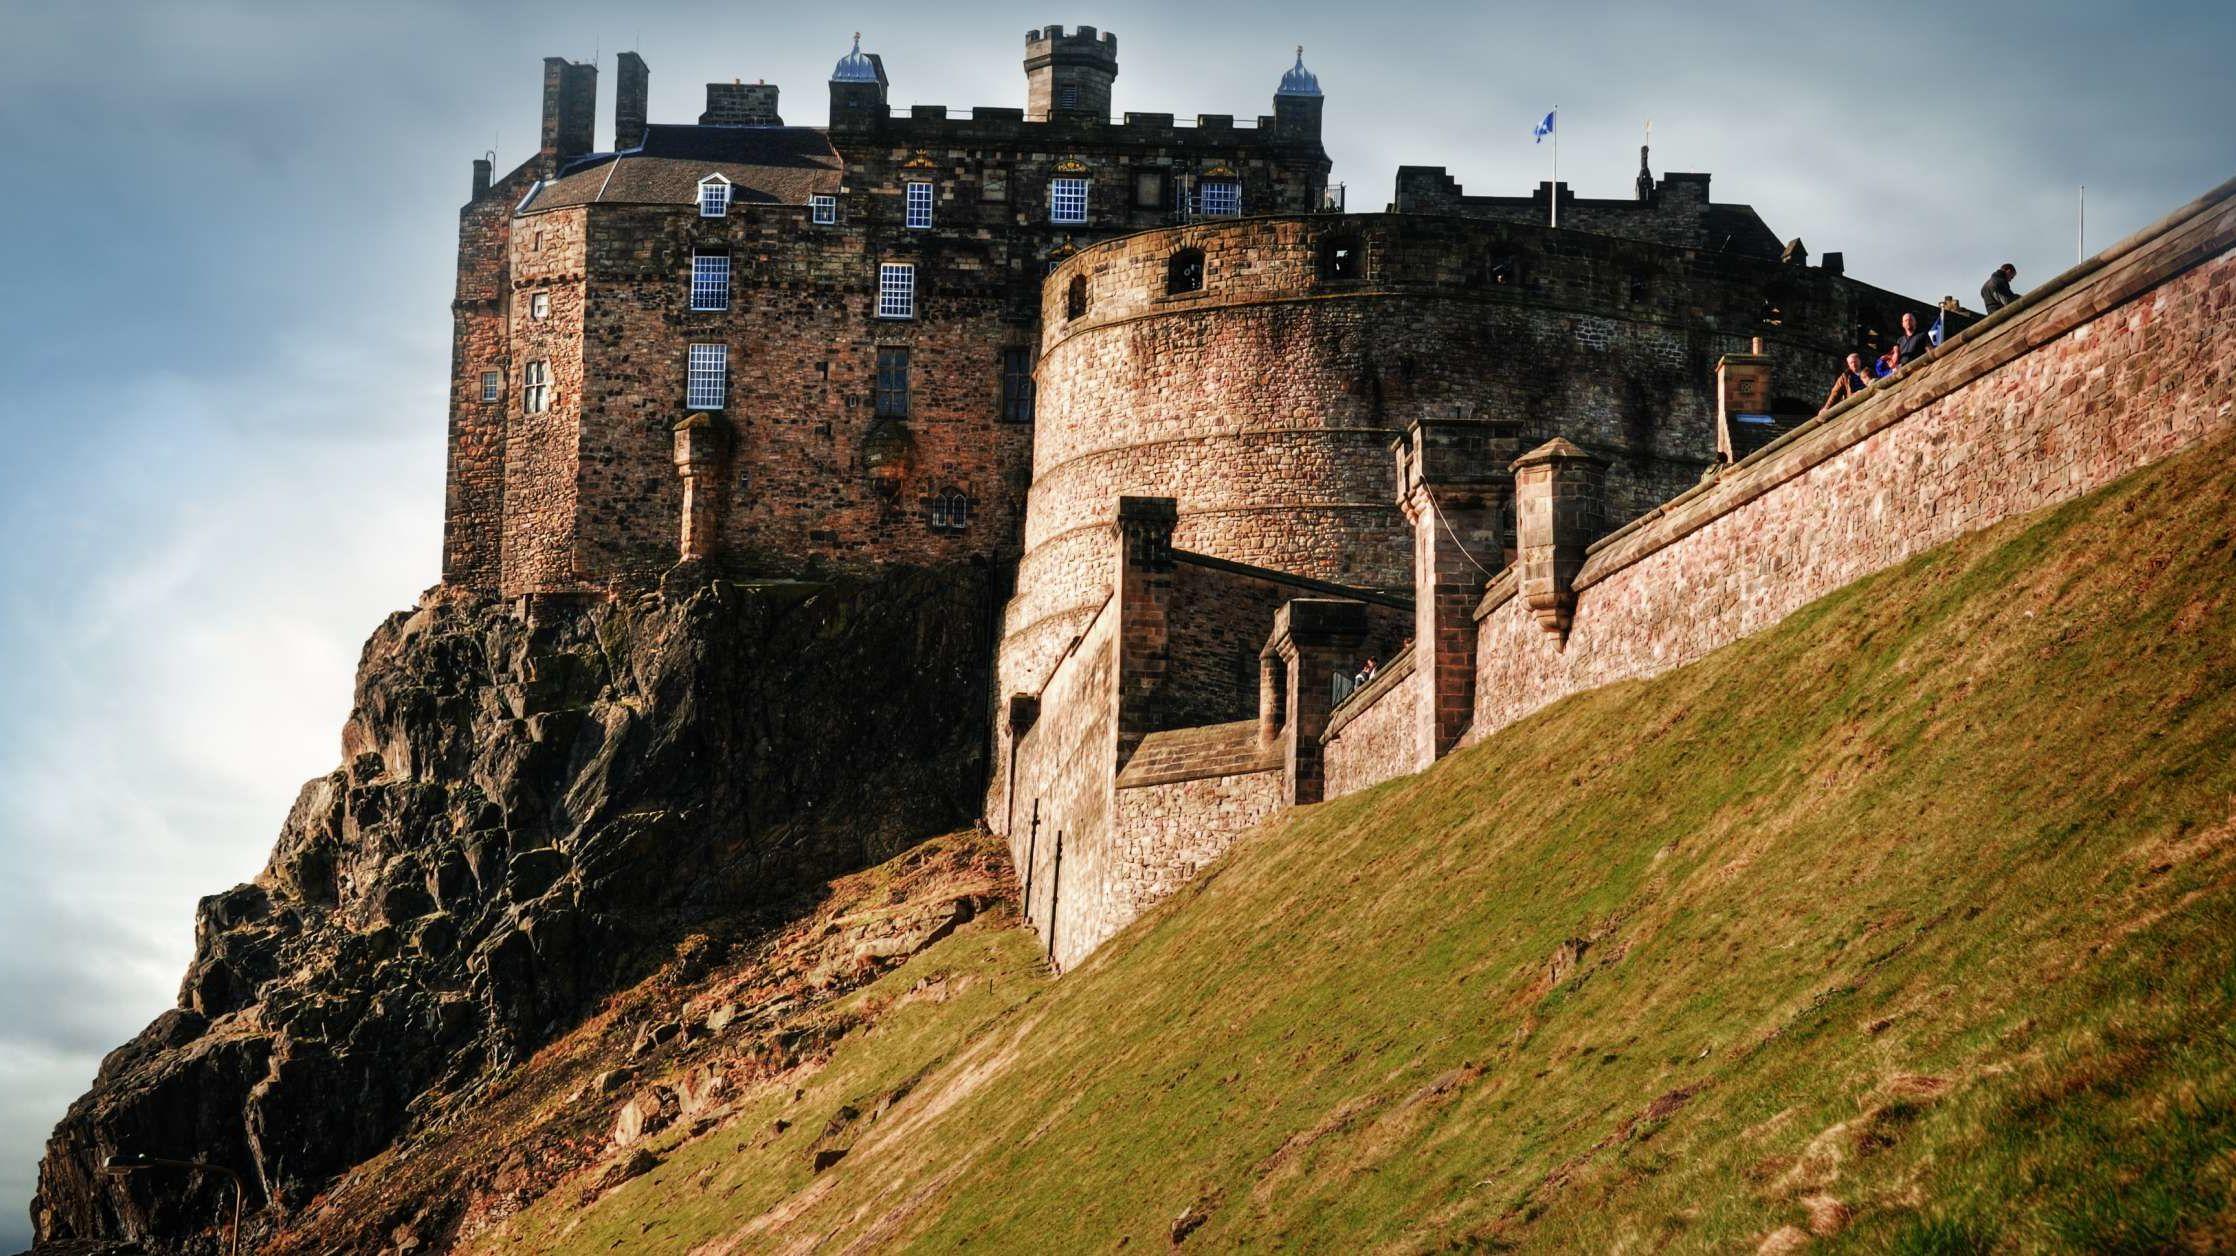 8 Facts about Edinburgh Castle